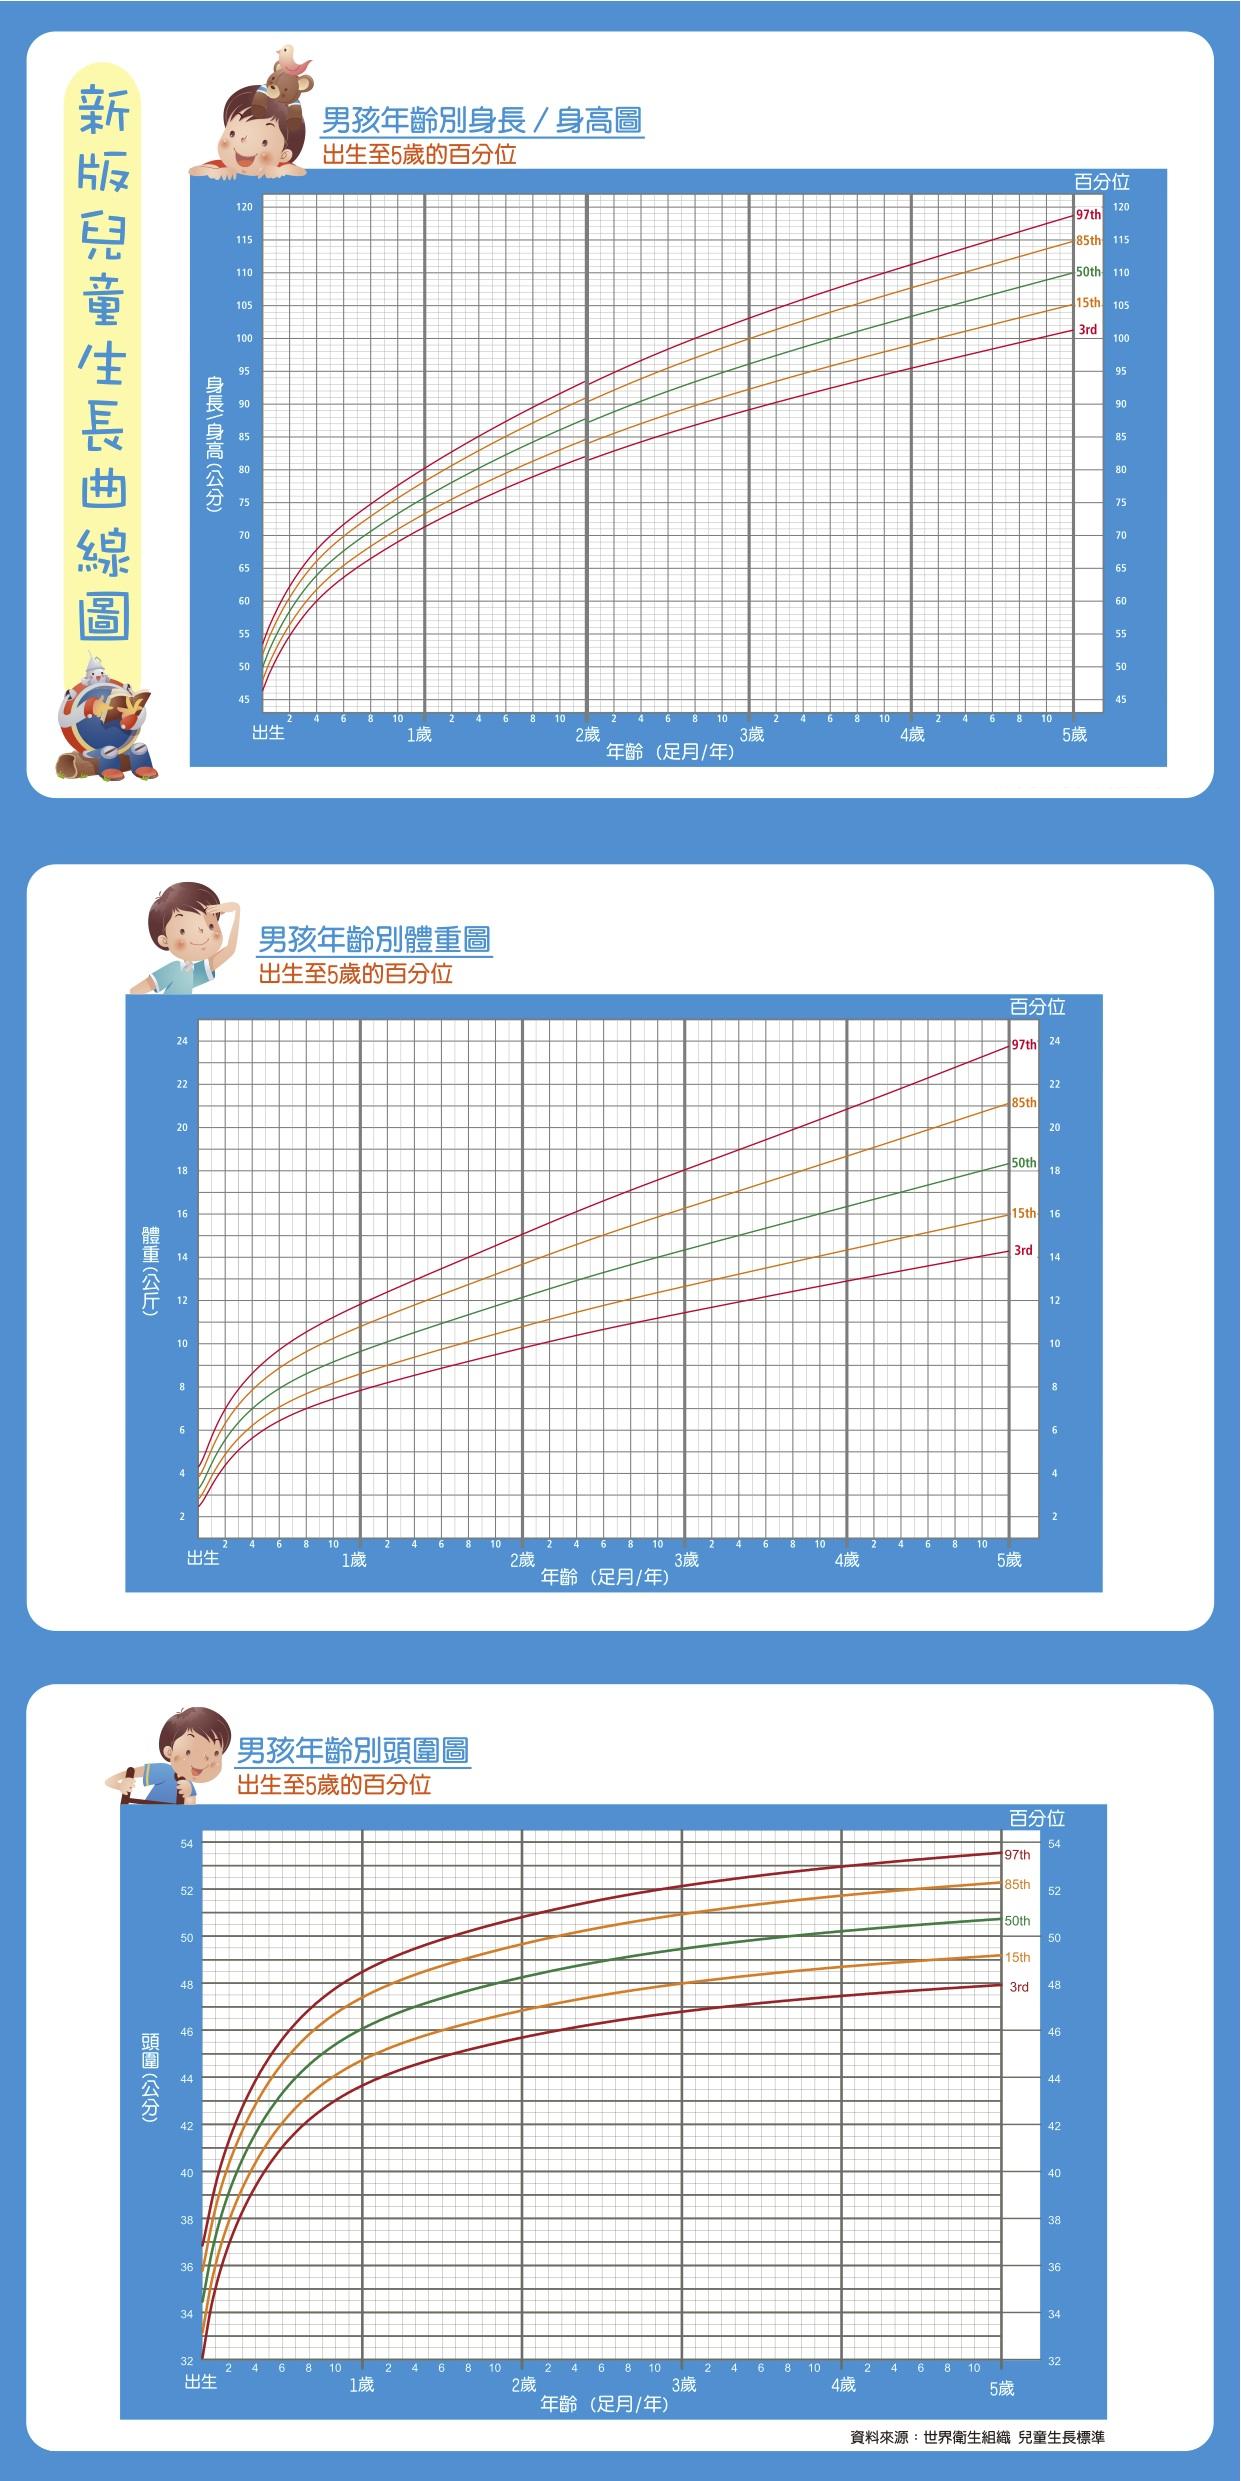 980430-國民健康局-兒童身長曲線圖-男孩.jpg